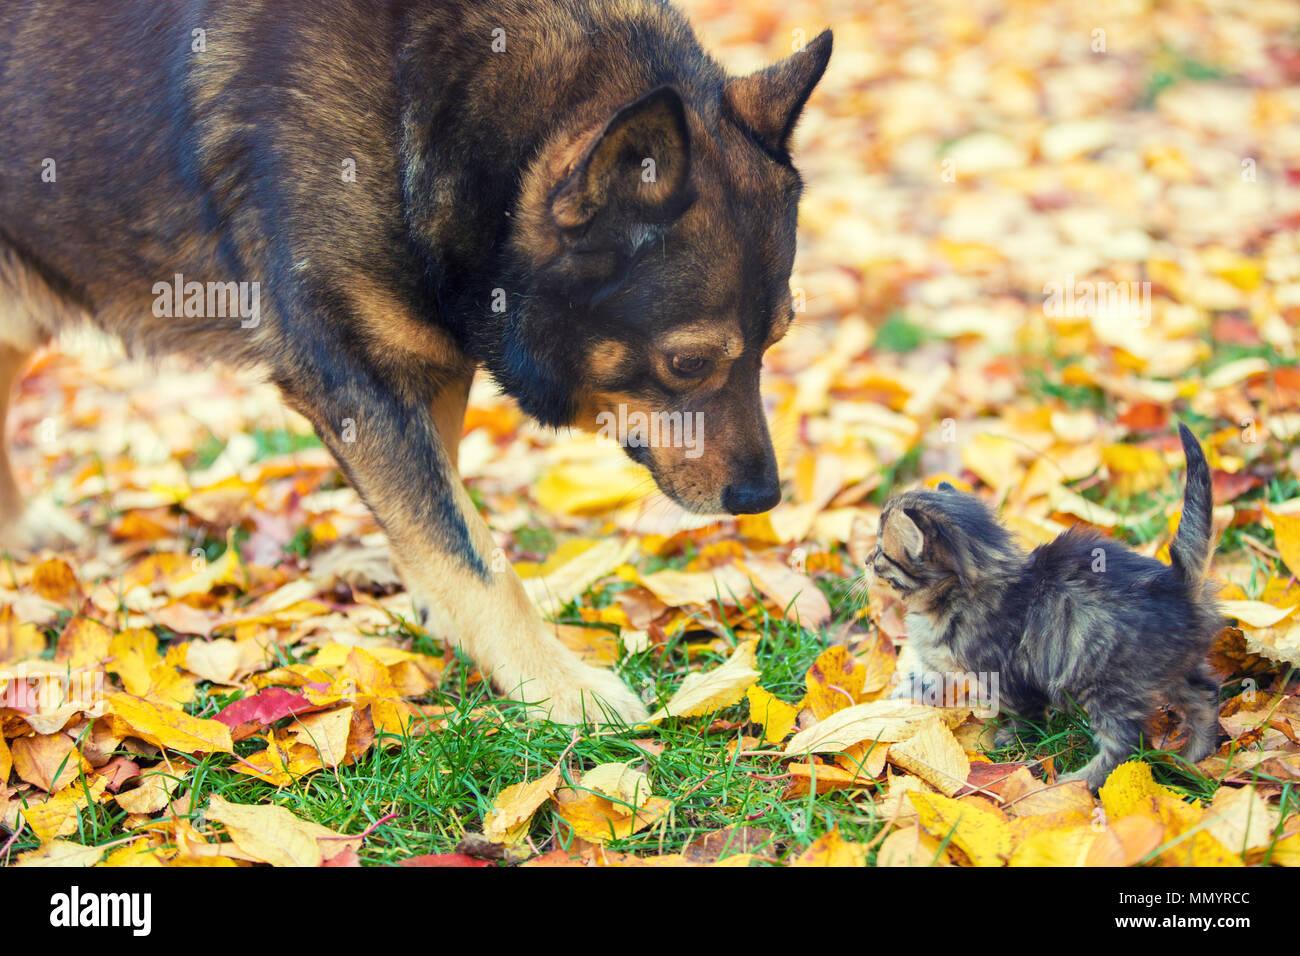 Ein großer Hund und ein kleines Kätzchen sind die besten Freunde, die zusammen im Freien spielen. Im Herbst, sie einander auf dem Gras schnüffeln Stockfoto